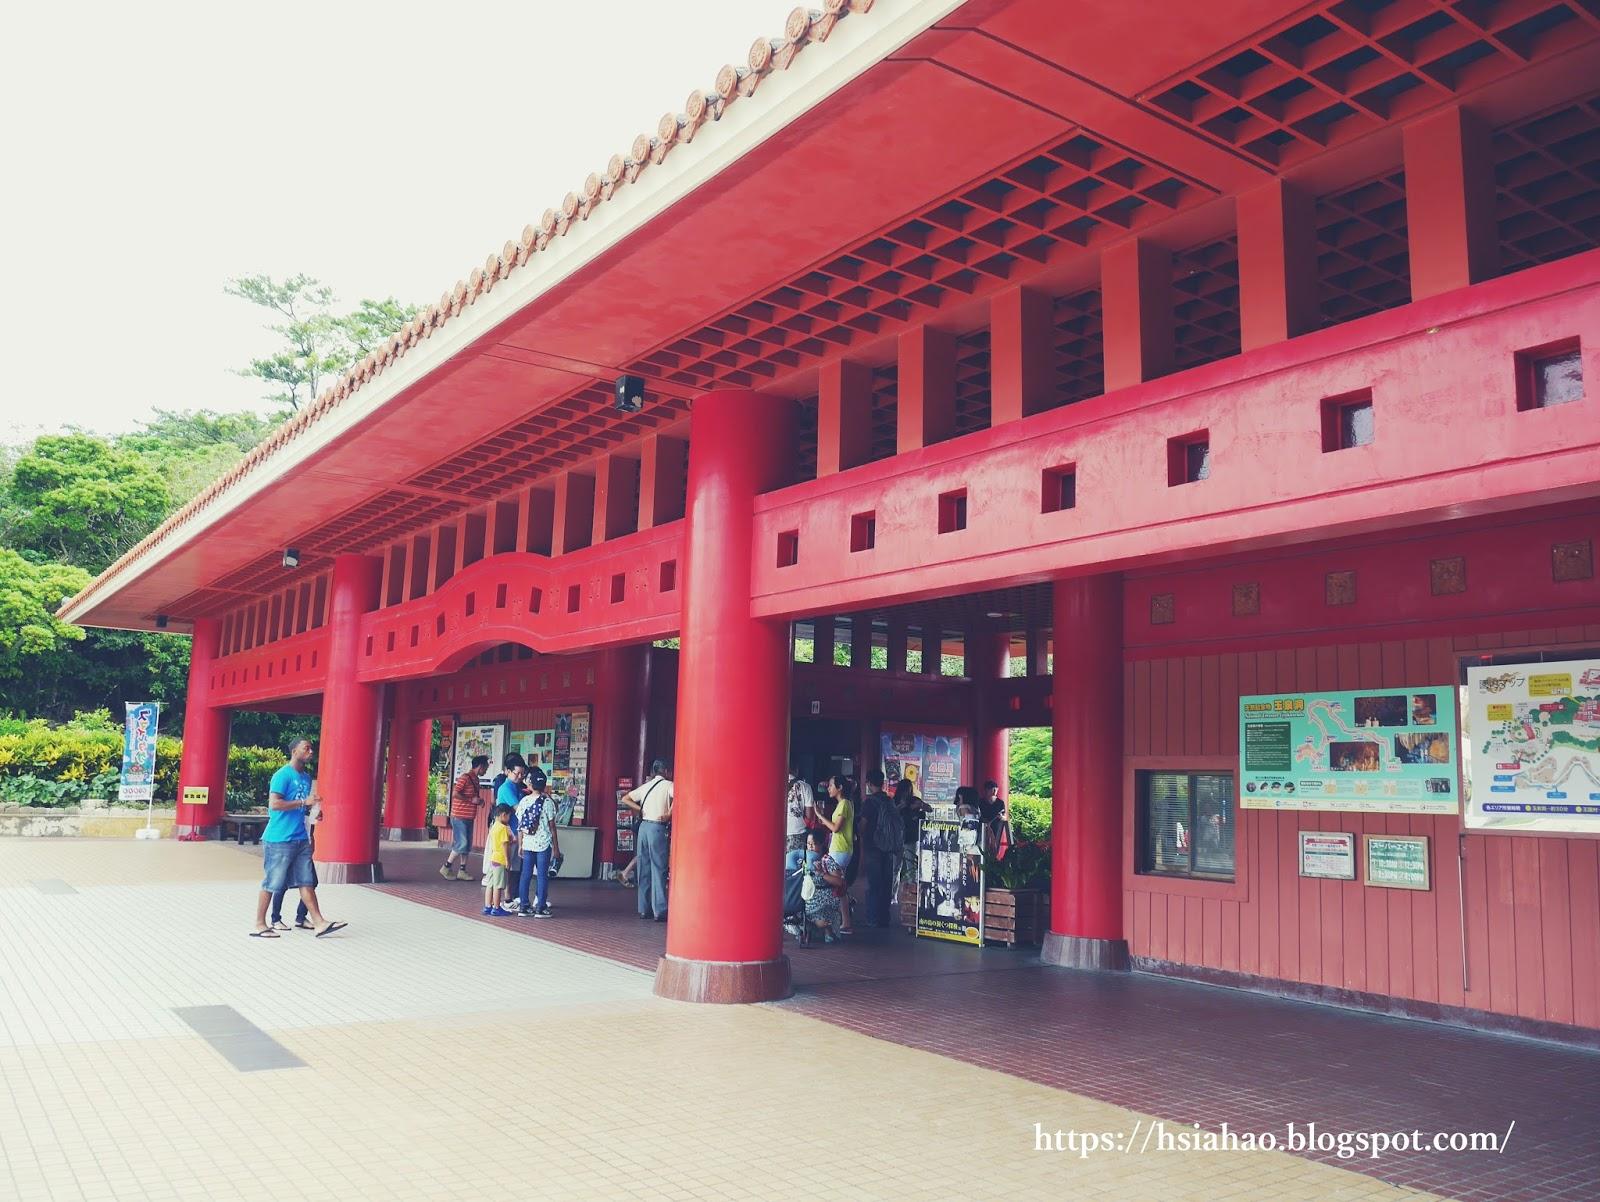 沖繩-景點-沖繩世界文化王國-玉泉洞-自由行-旅遊-Okinawa-world